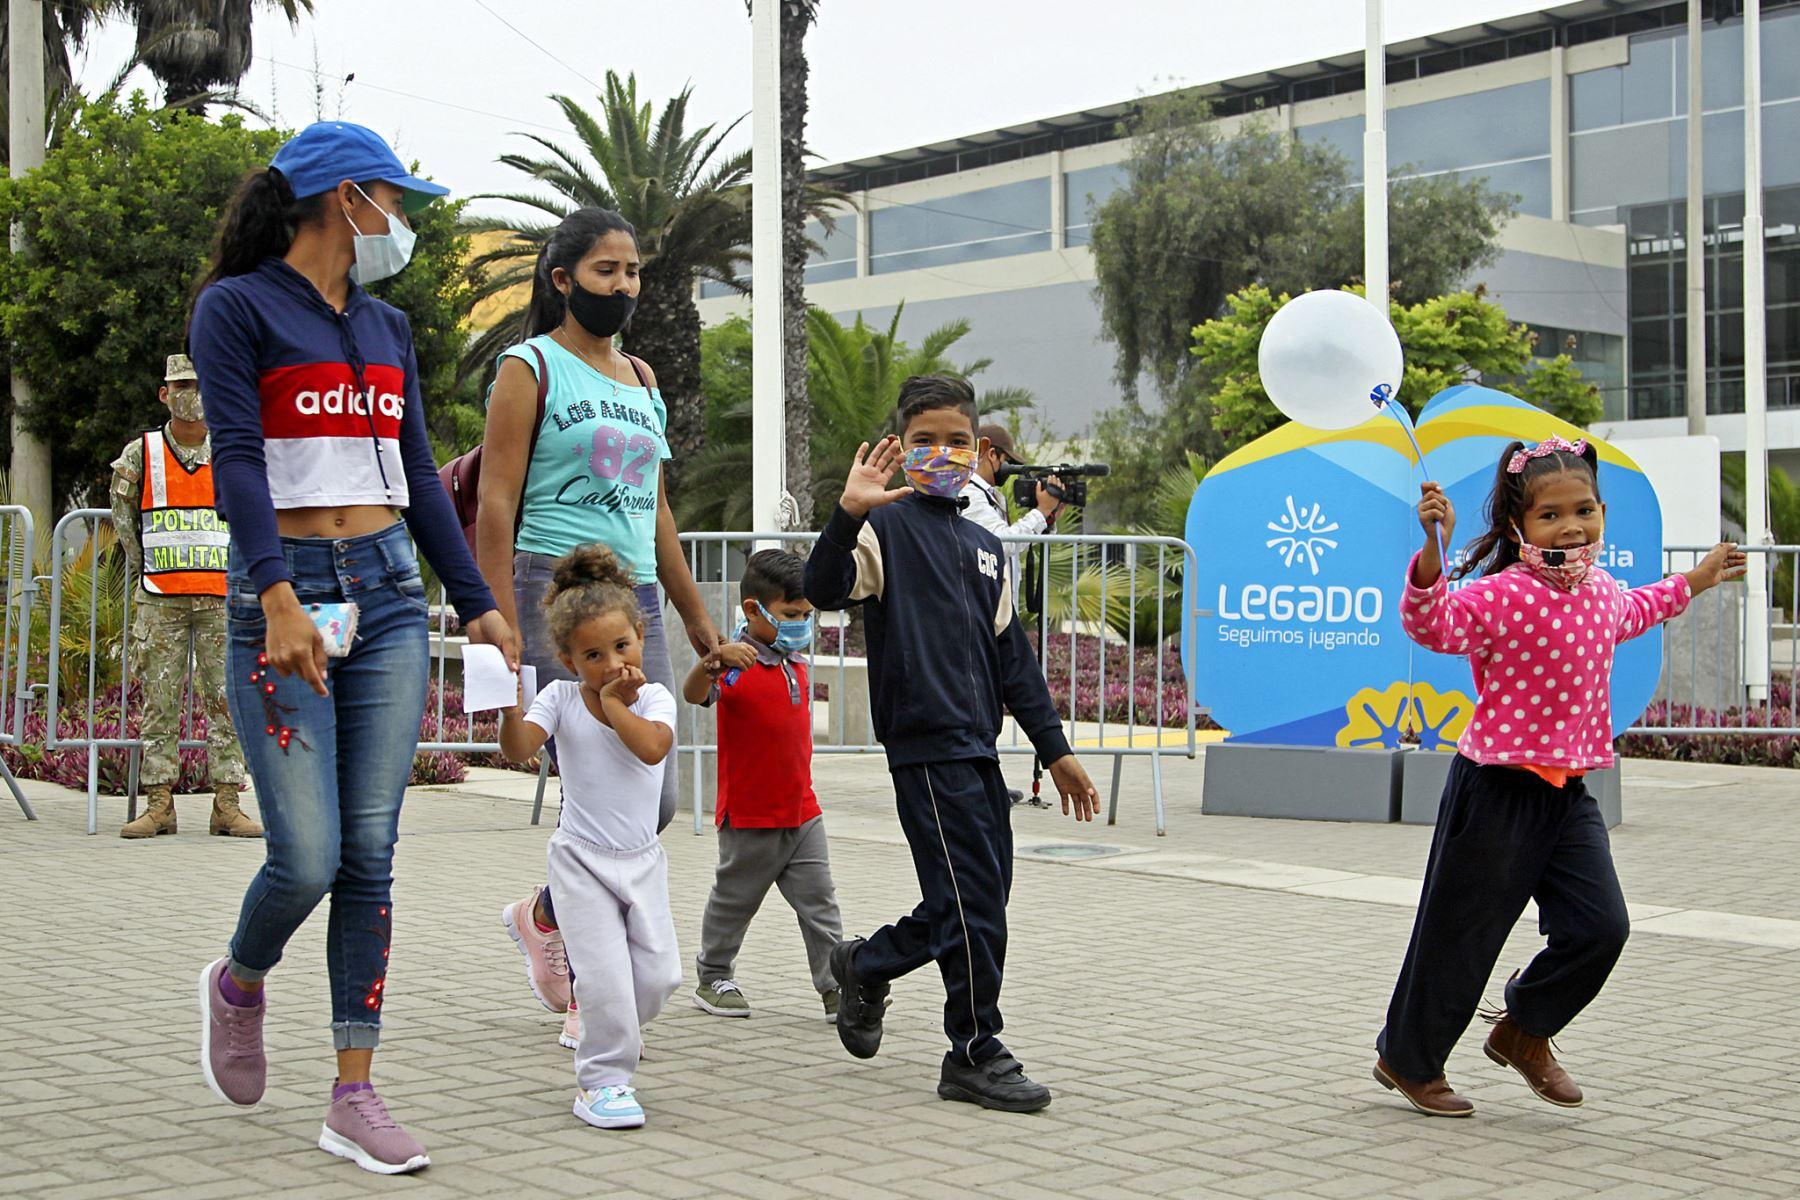 legado-celebra-su-primer-ano-de-creacion-al-servicio-del-pais-y-la-comunidad